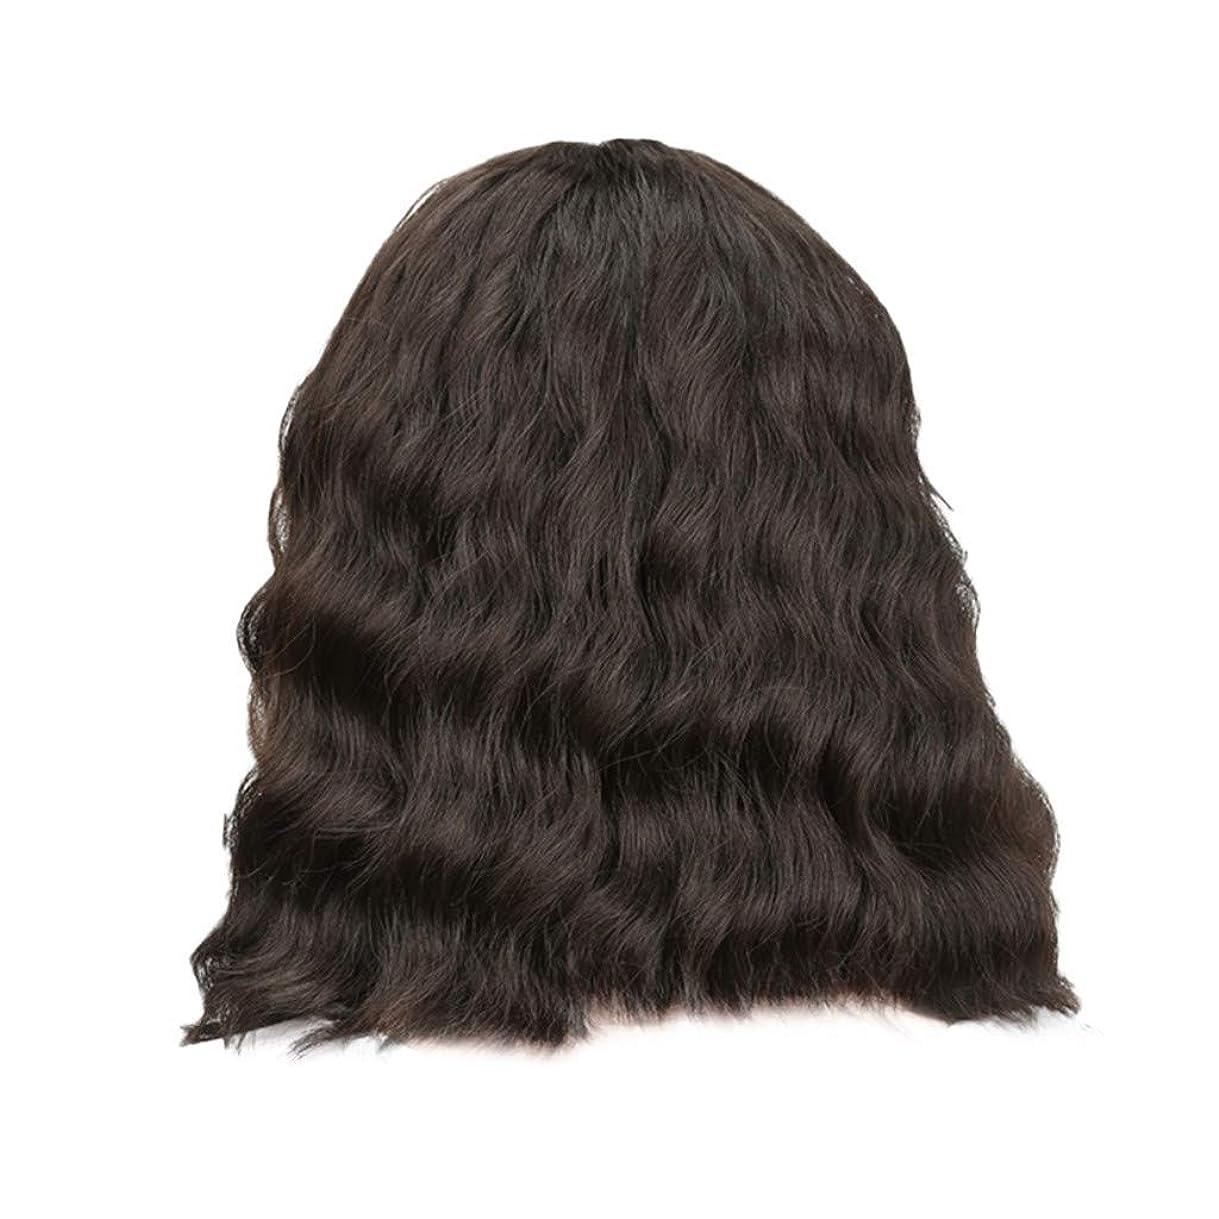 ツール毛布食器棚女性の黒の短い巻き毛のかつらボブ波かつらローズネット34 cm